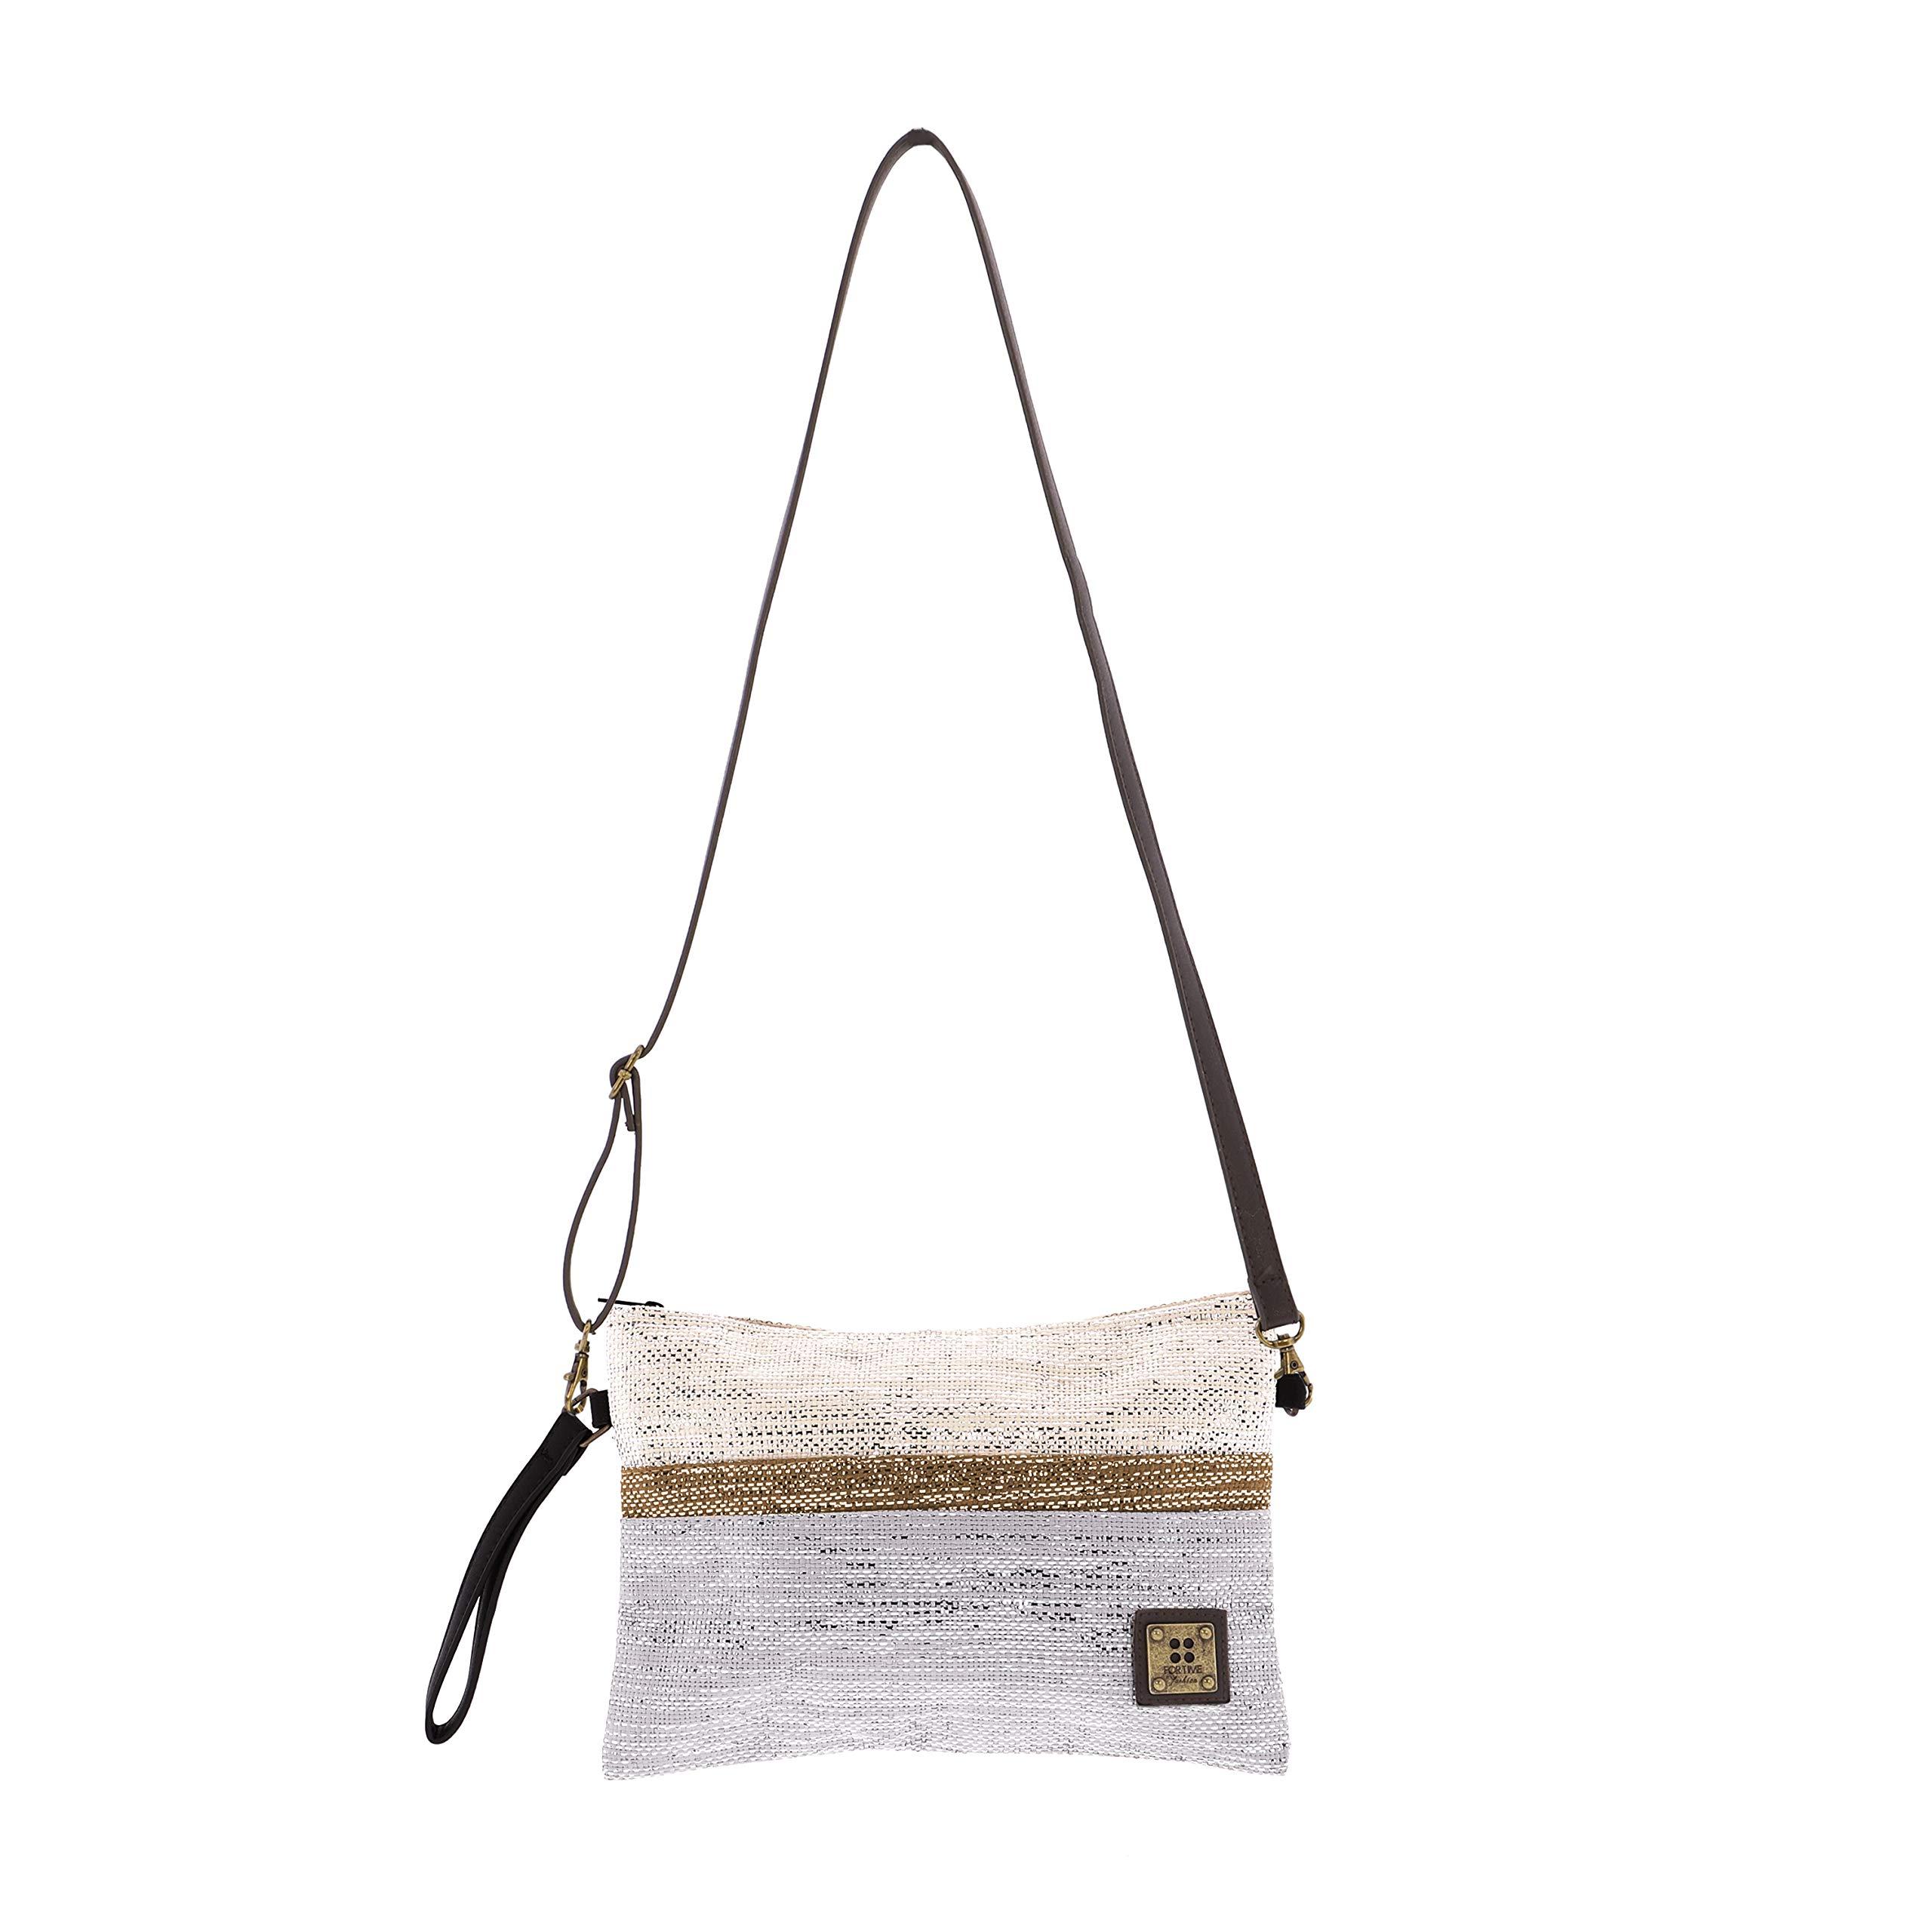 81xy3ckJGIL - For Time Bolso de Mano con Destellos metálicos, Rafia Mujer, Gris, 30x20x1 cm